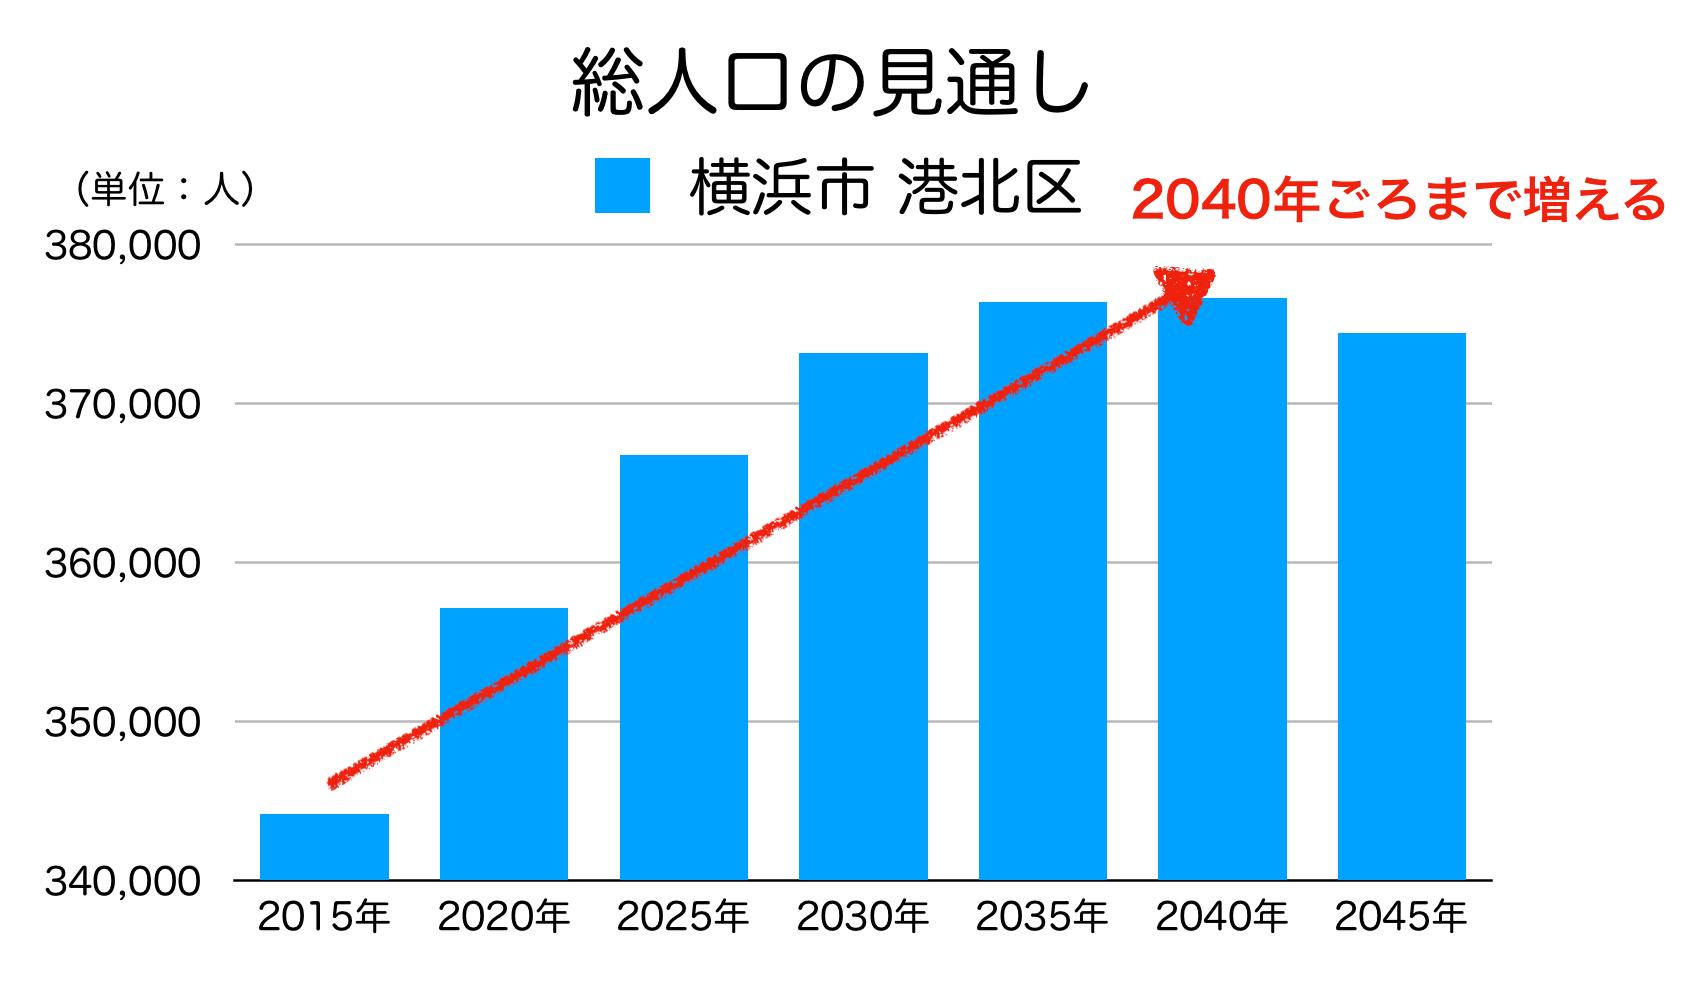 横浜市港北区の人口予測